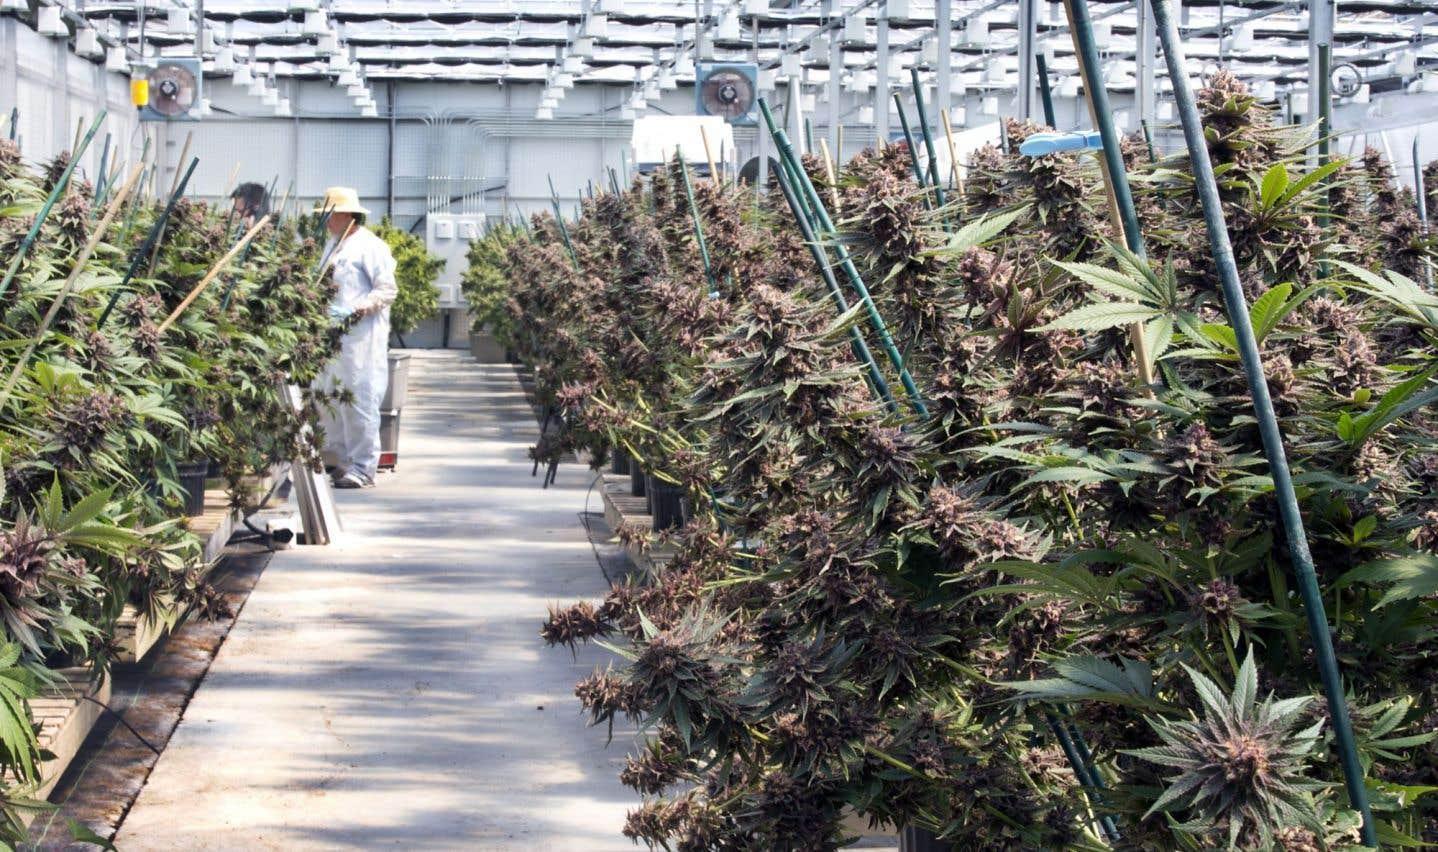 Le Québec, terre promise des producteurs de cannabis